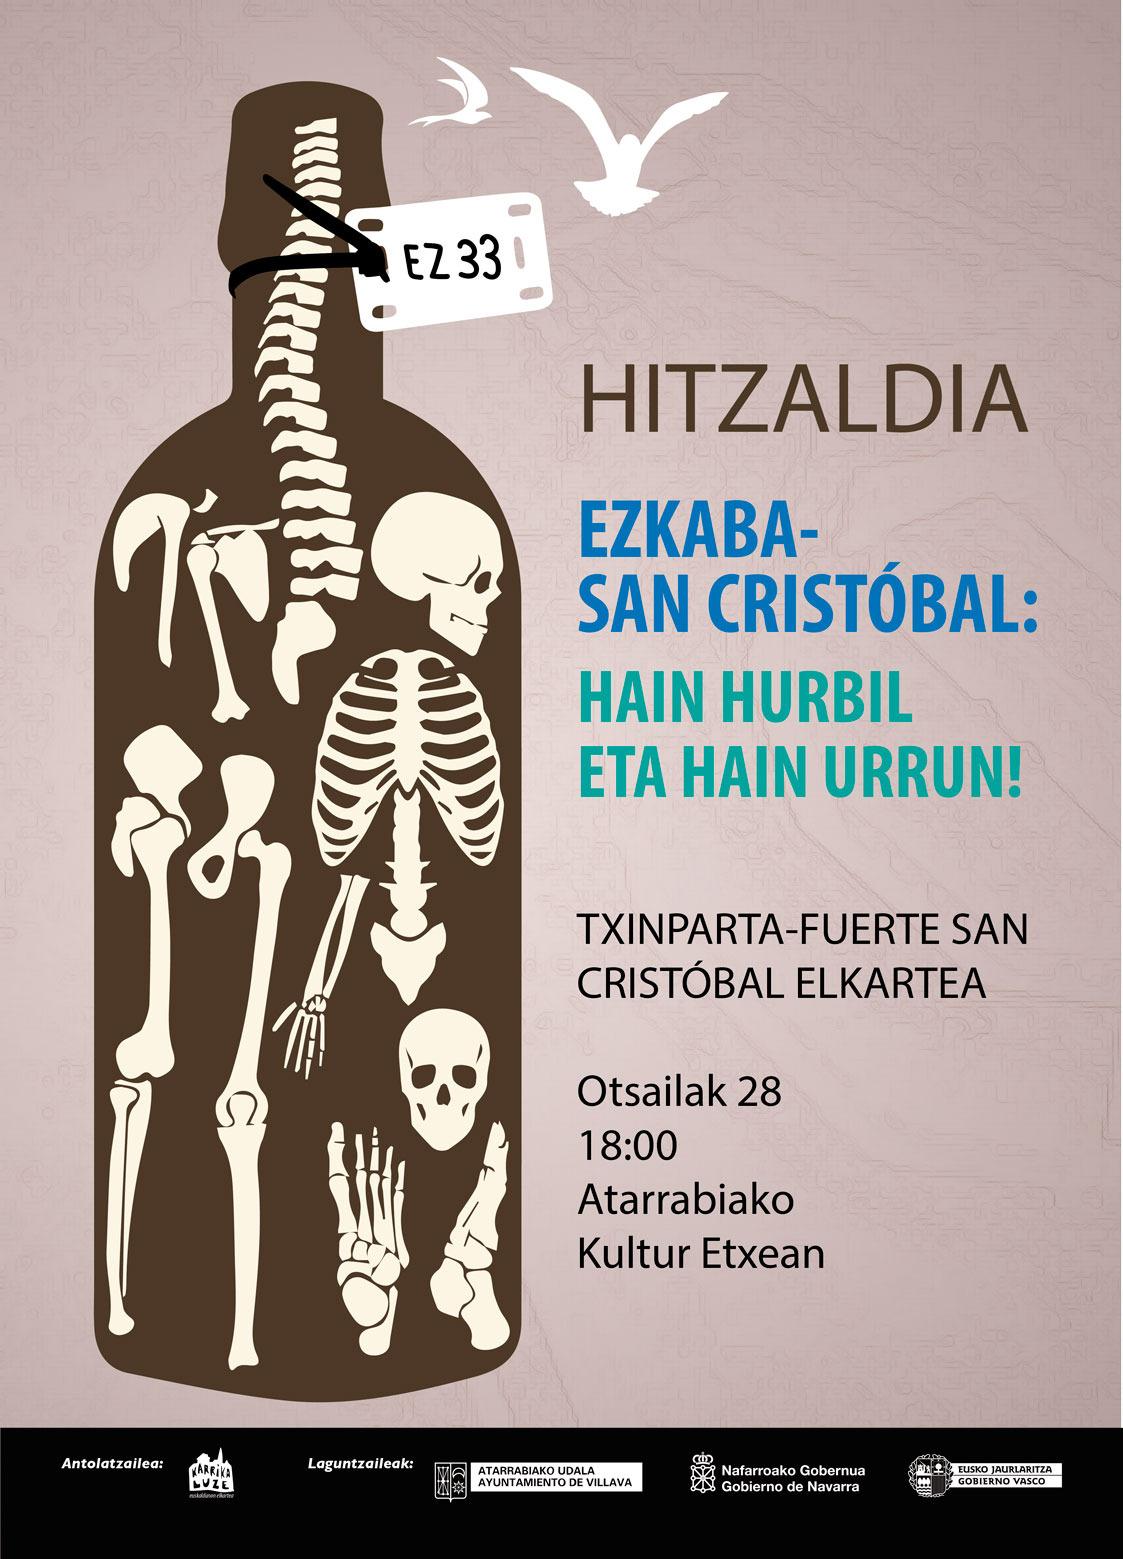 EZKABA-HAIN HURBIL ETA HAIN URRUN-HITZALDIA @ ATARRABIAKO KULTUR ETXEAN